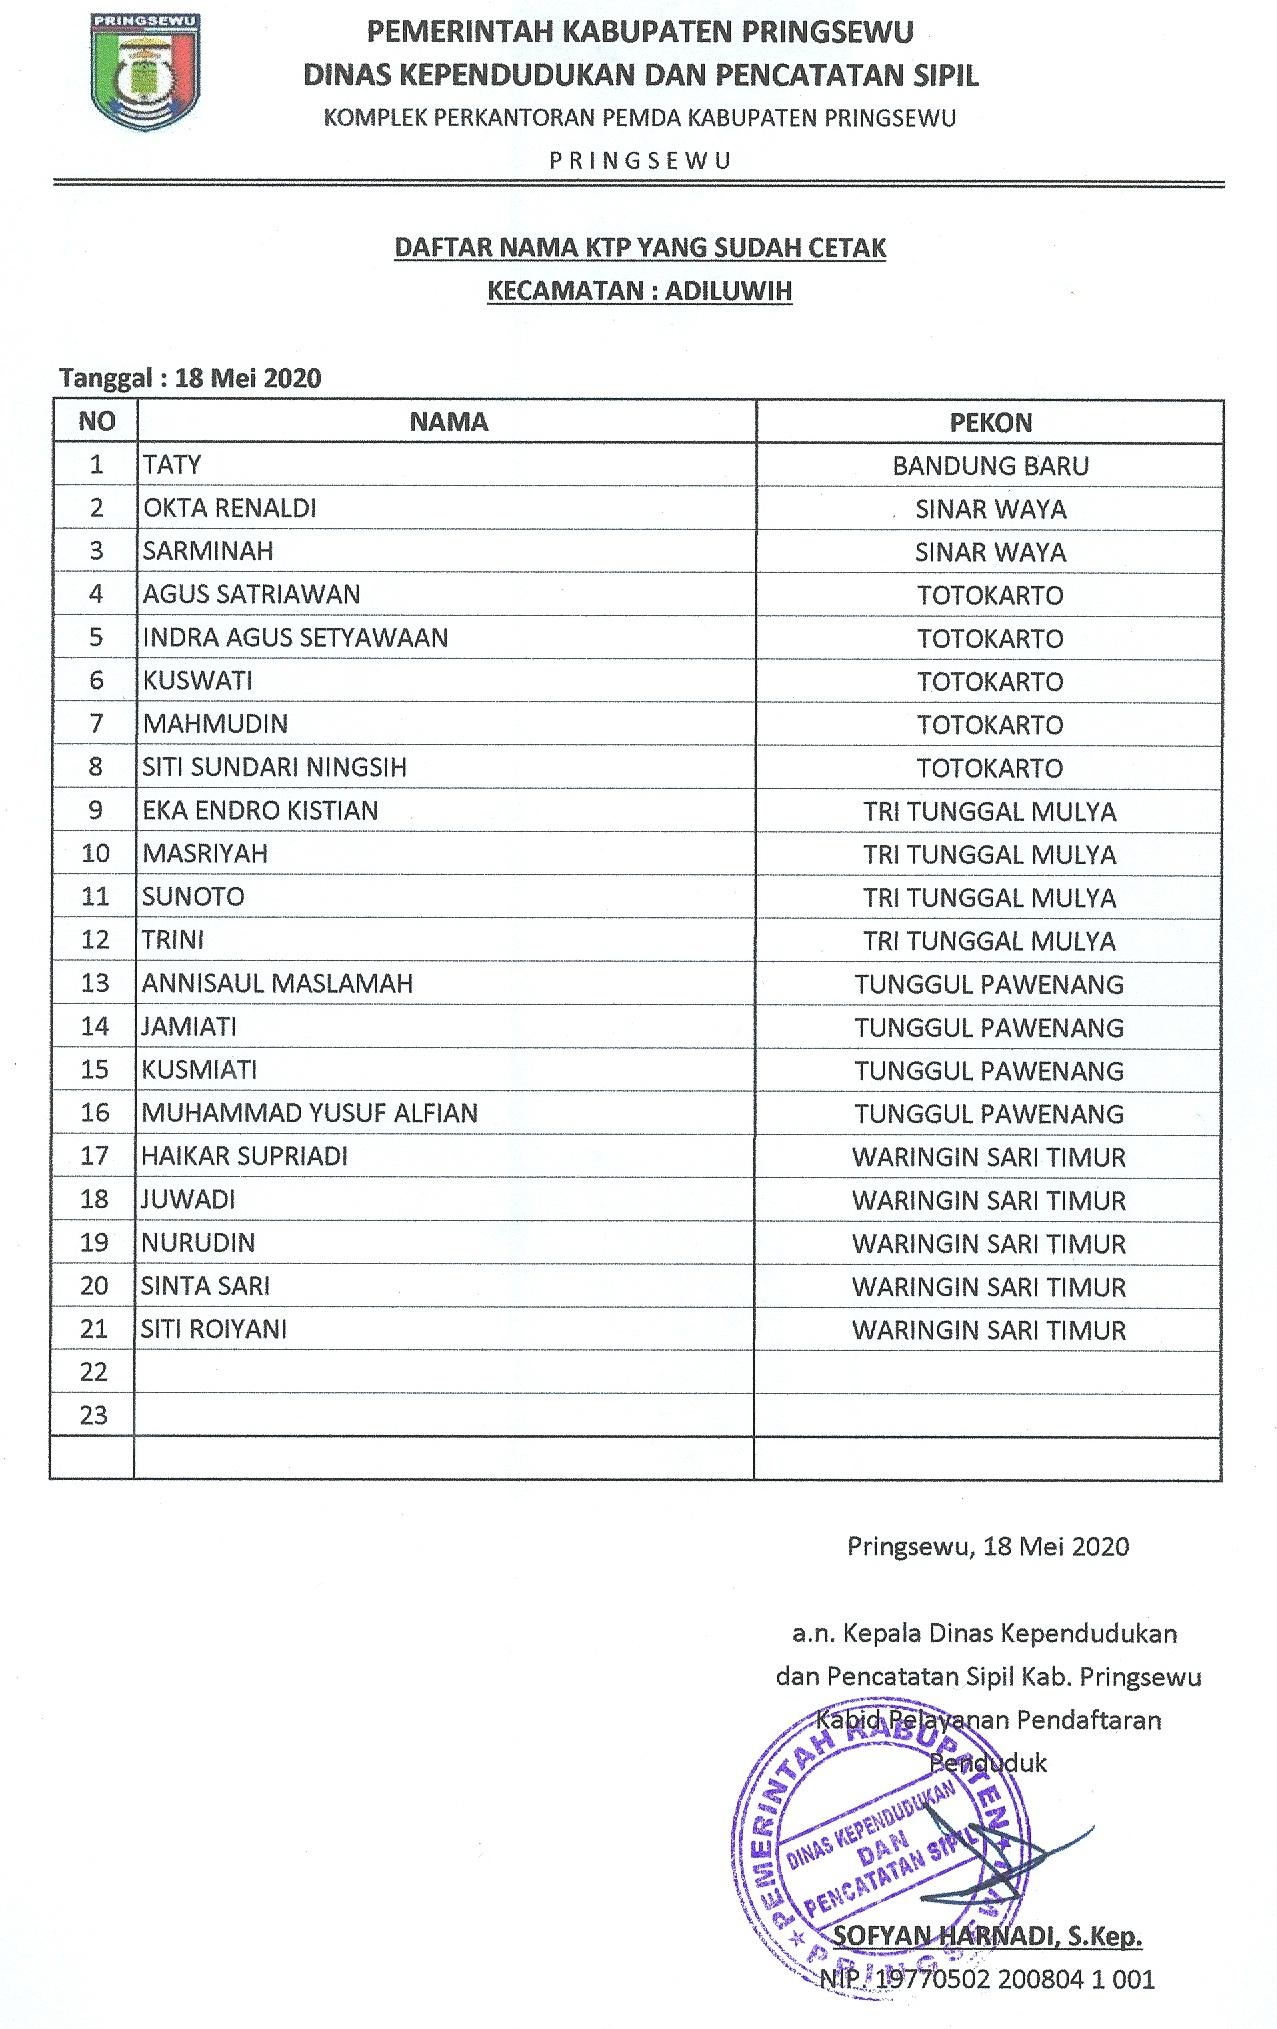 Daftar KTP-el yang sudah cetak Kecamatan Adiluwih